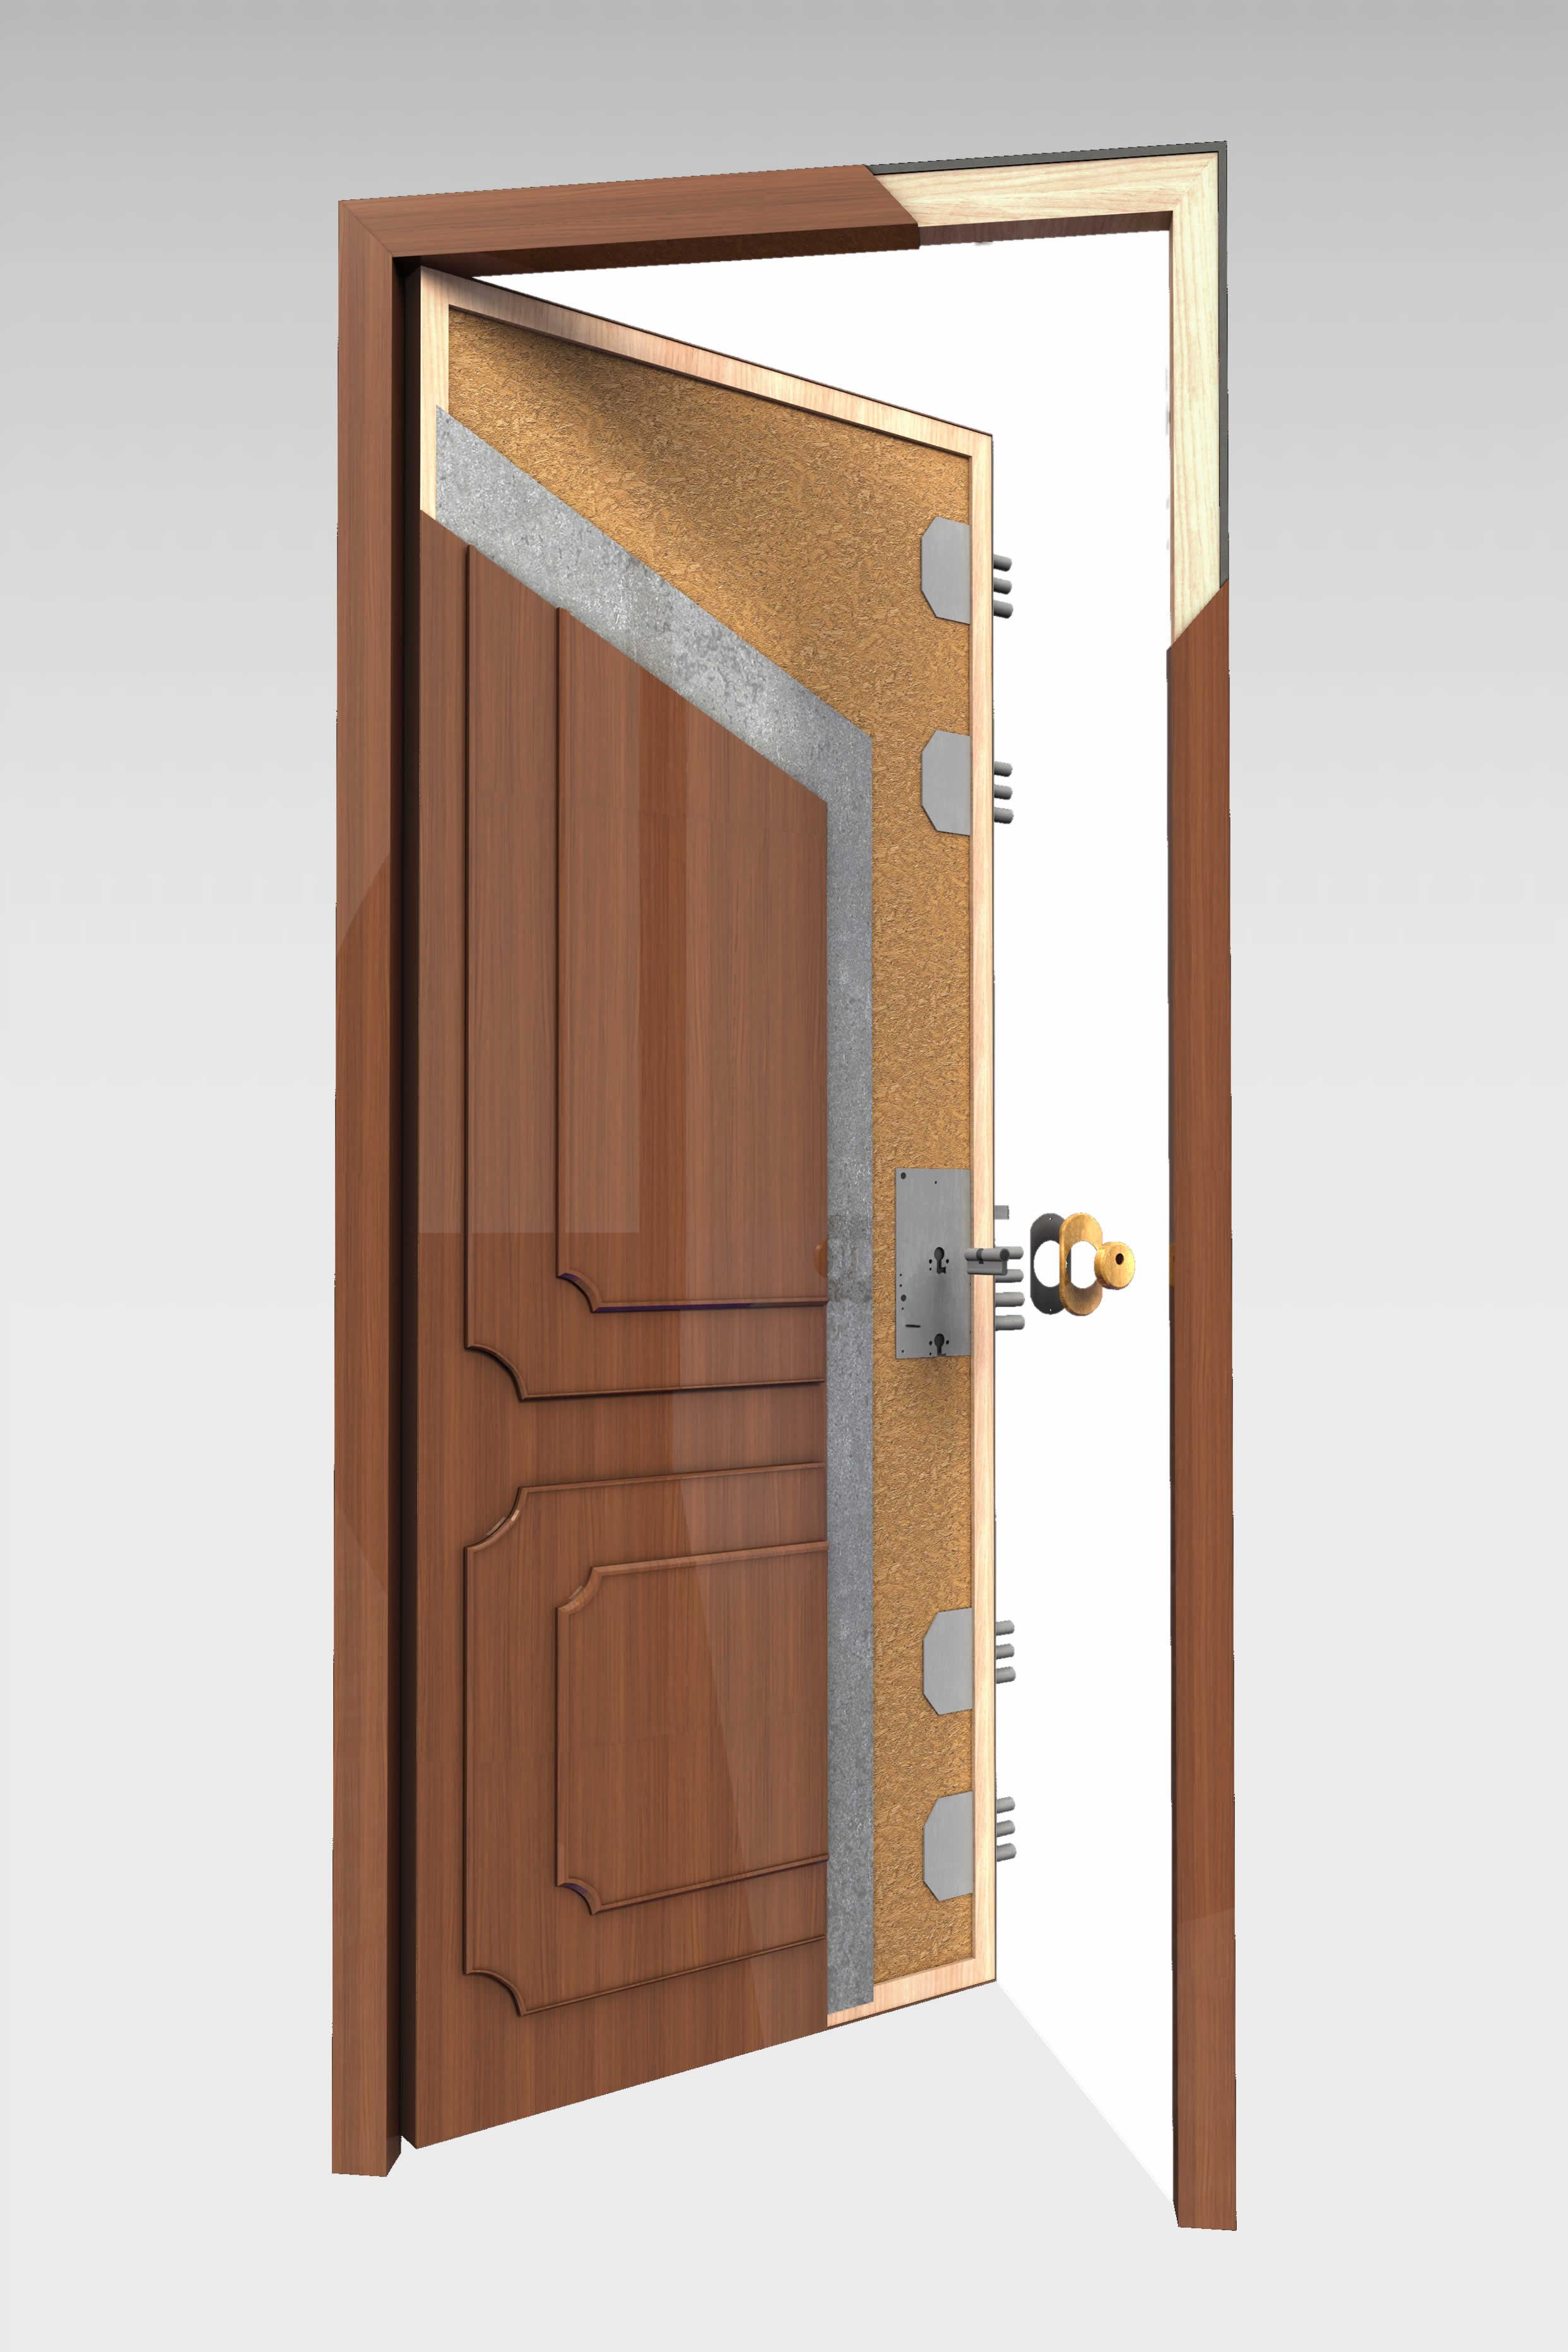 precios de puertas blindadas puertas blindadas with